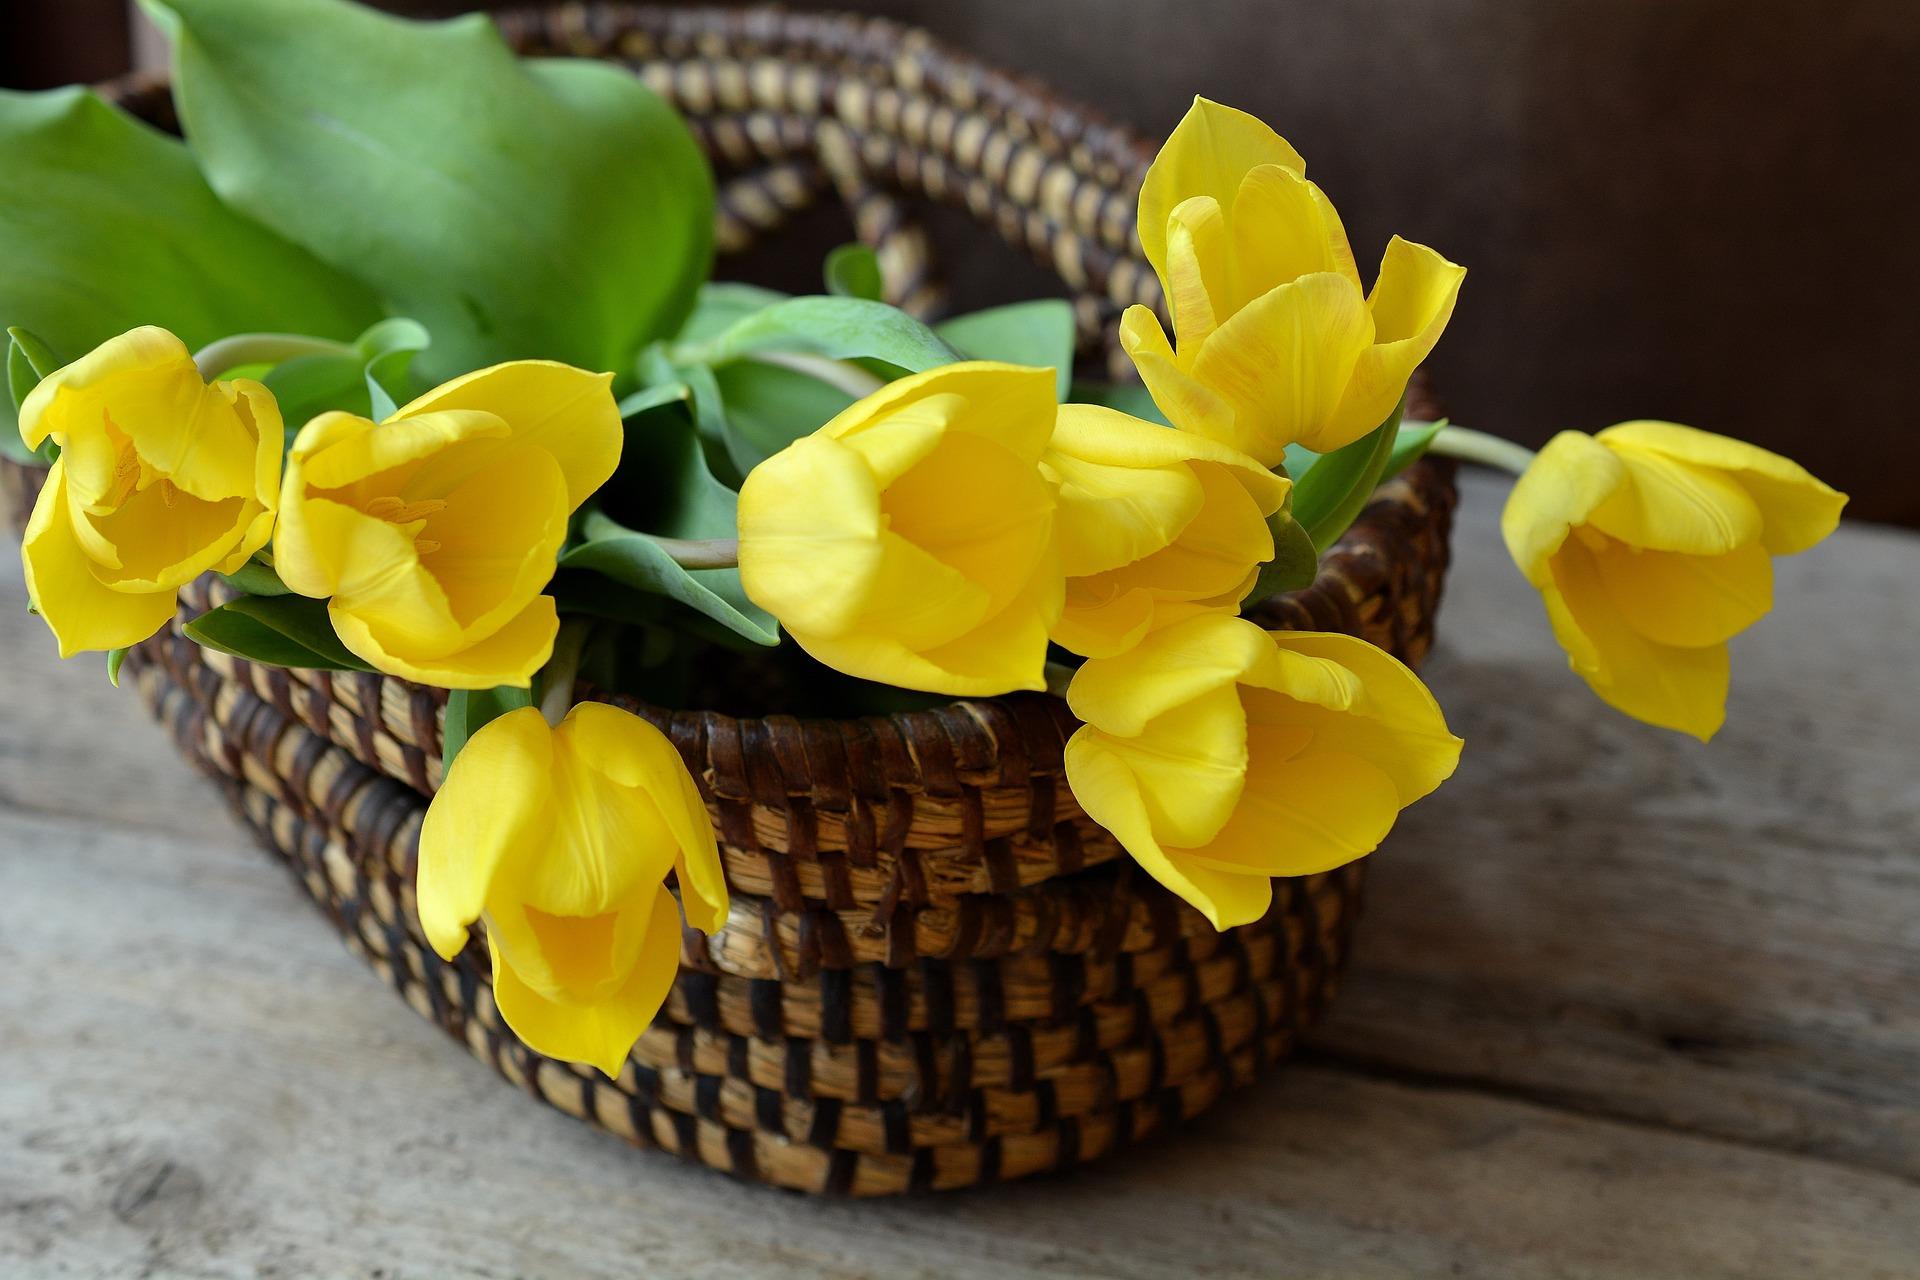 Podaruj bliskiej osobie niezwykły bukiet kwiatów